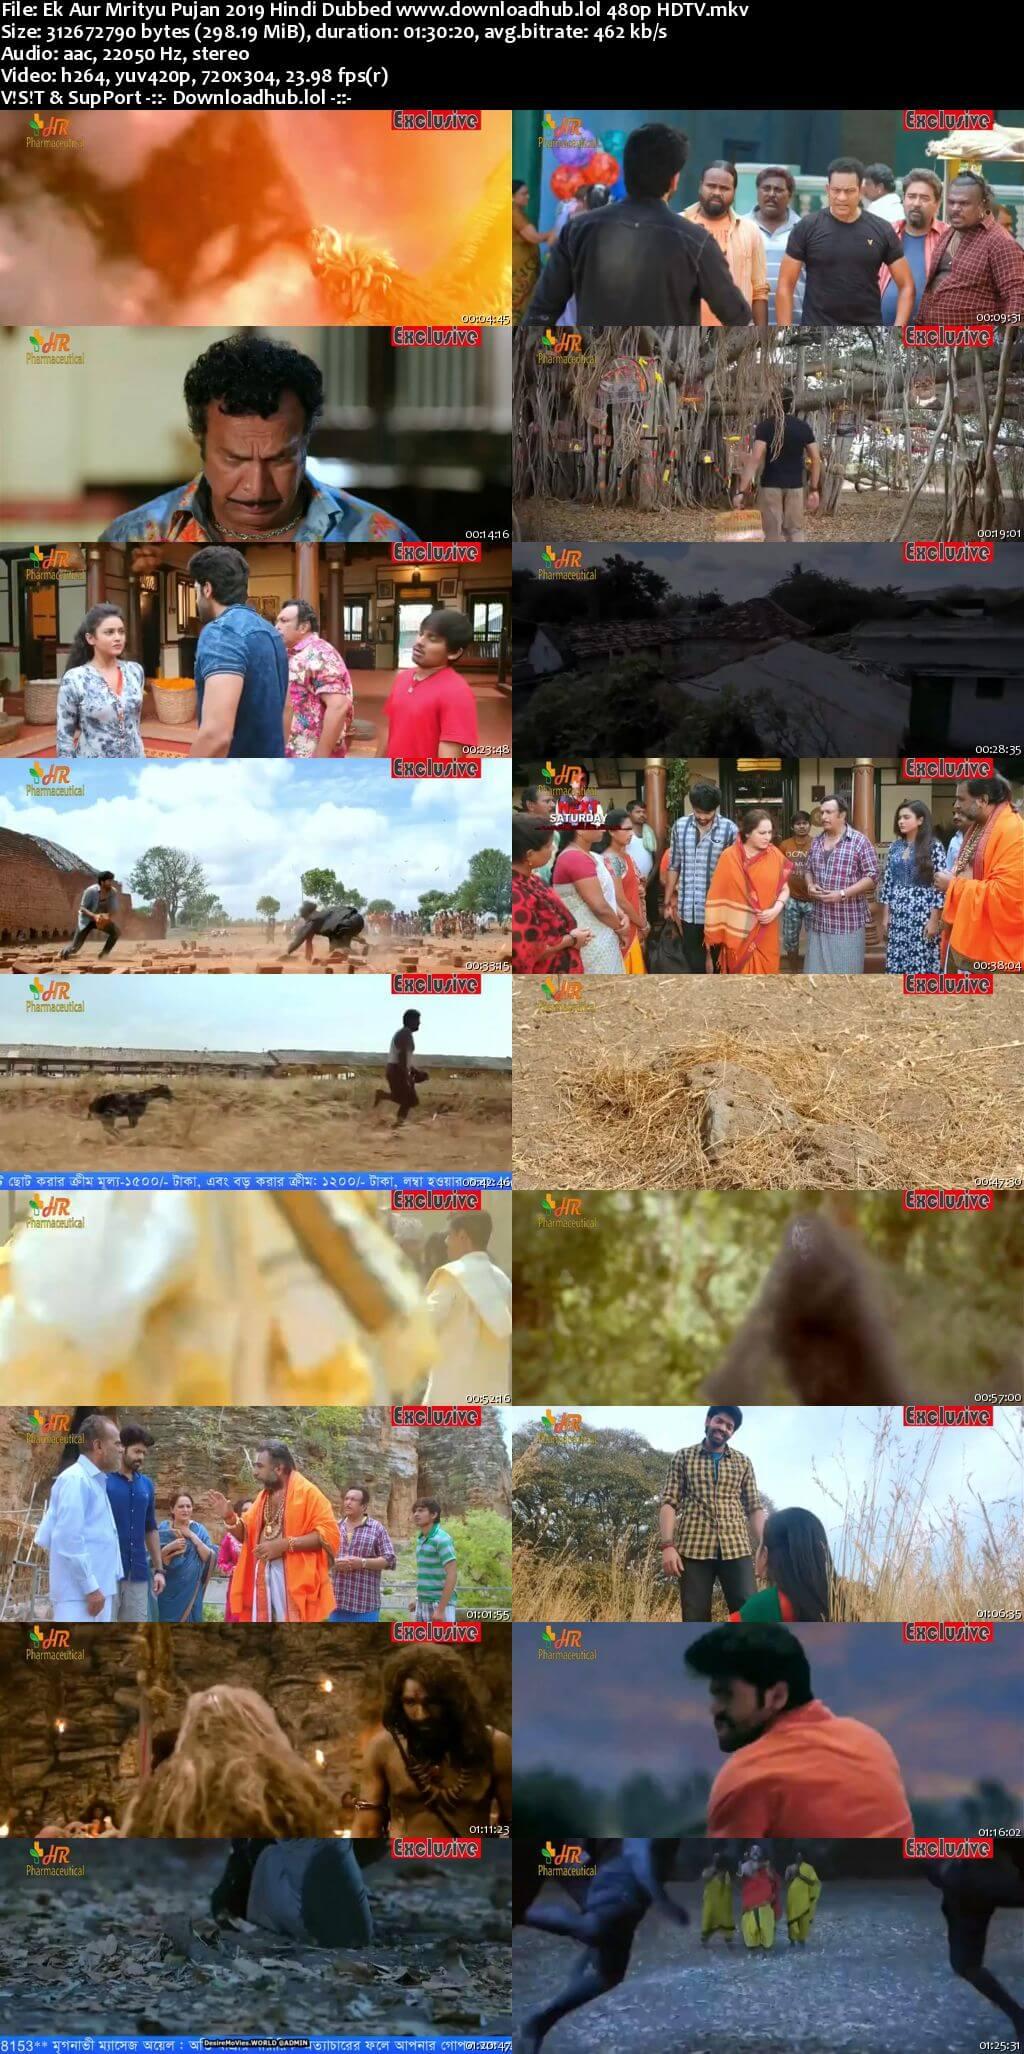 Ek Aur Mrityu Pujan 2019 Hindi Dubbed 300MB HDTV 480p